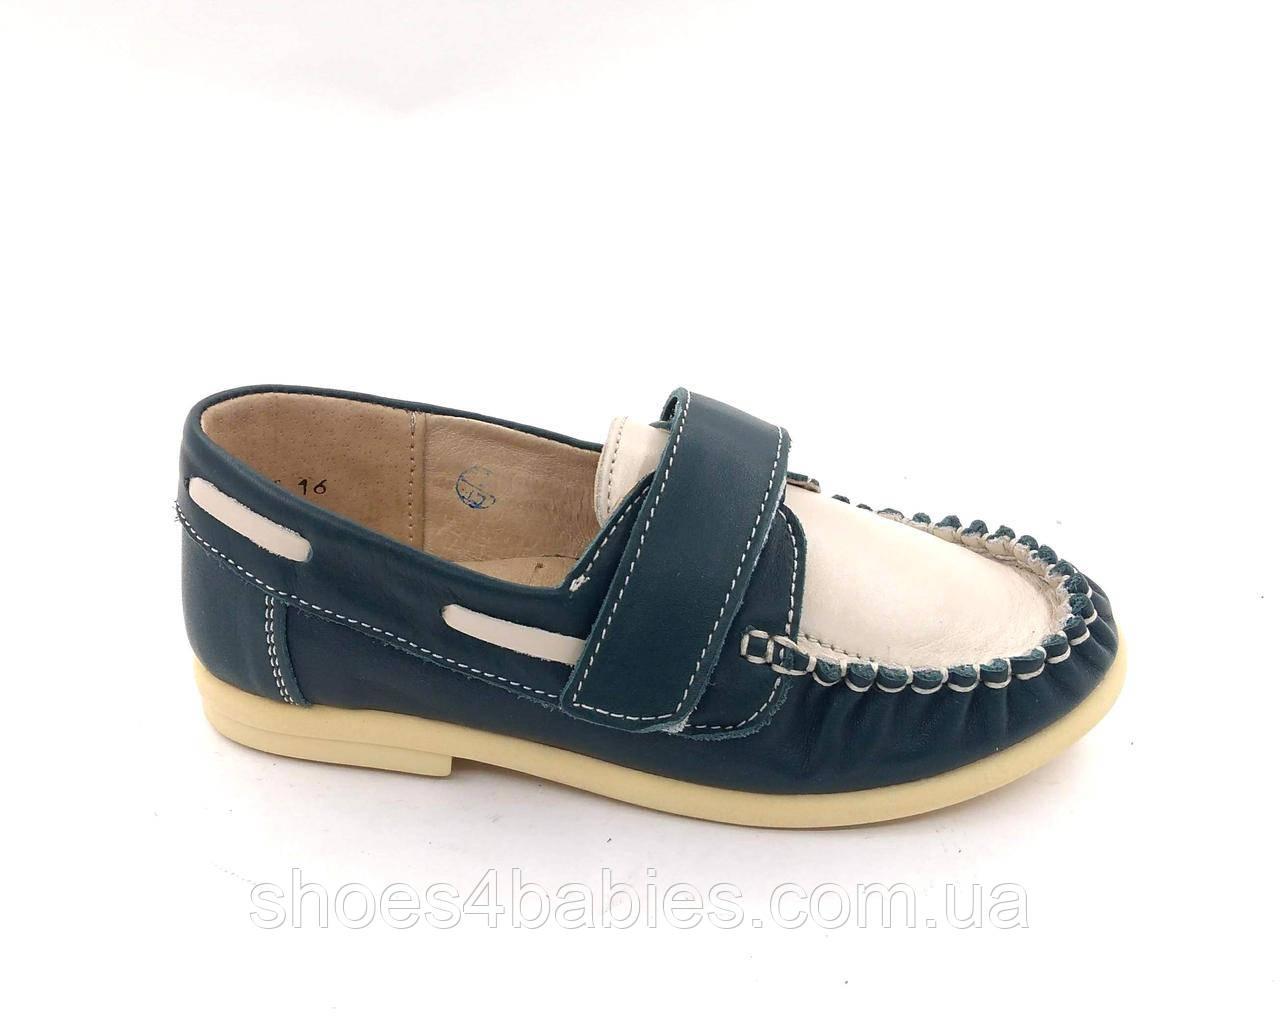 Туфли, мокасины детские ТМ Берегиня р 26-29 модель 0621